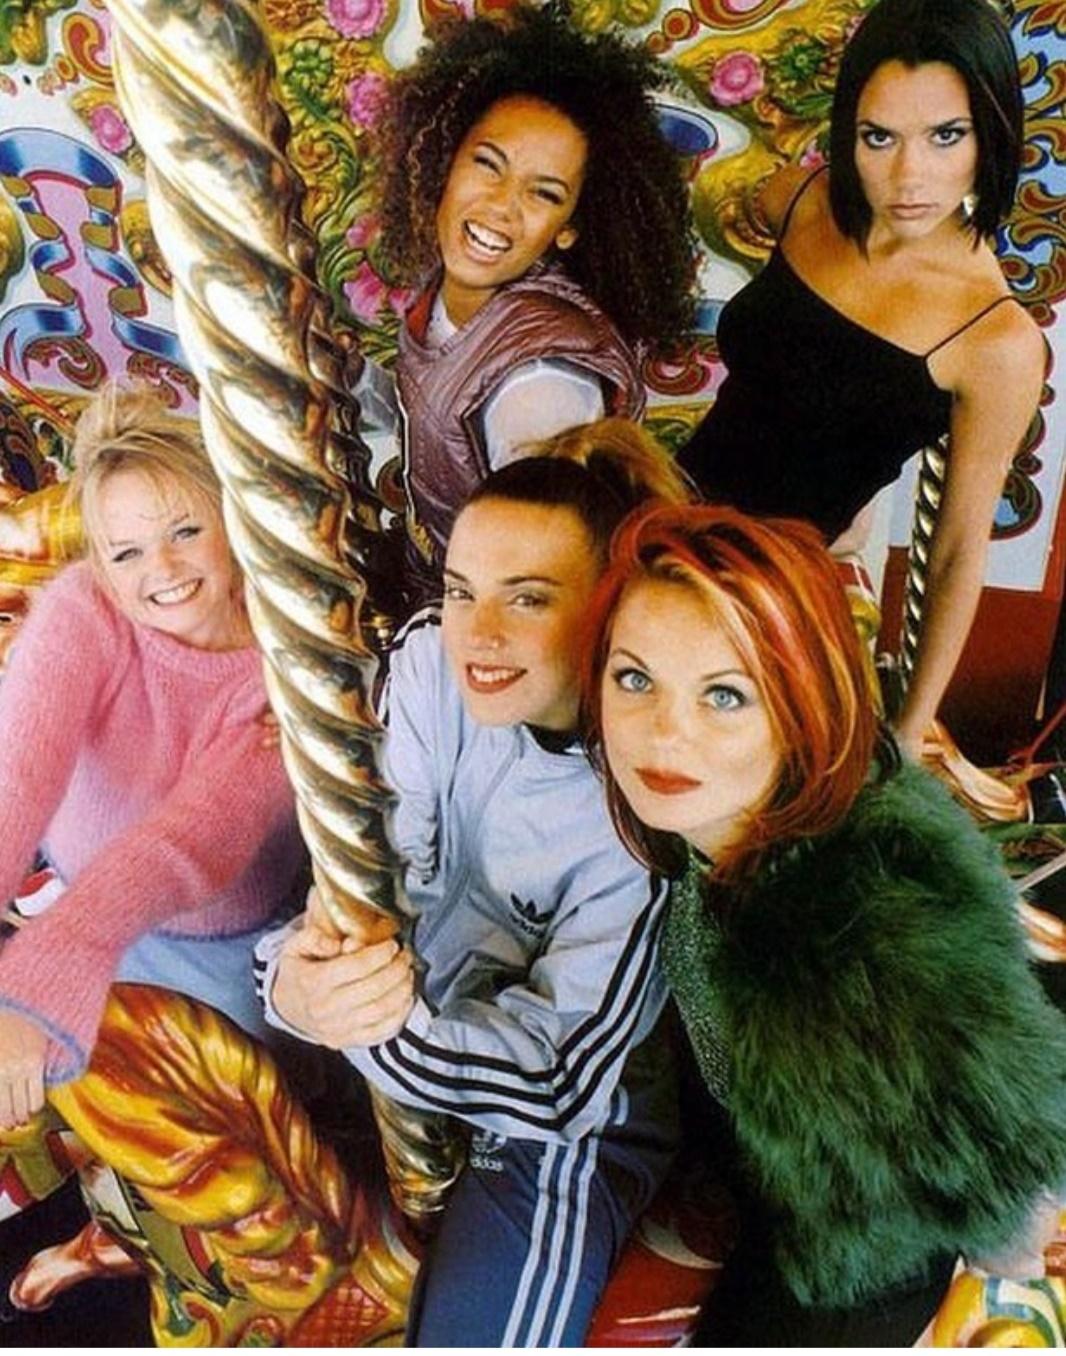 فرقة Spice Girls - الصورة من حساب Spice Girls على إنستغرام